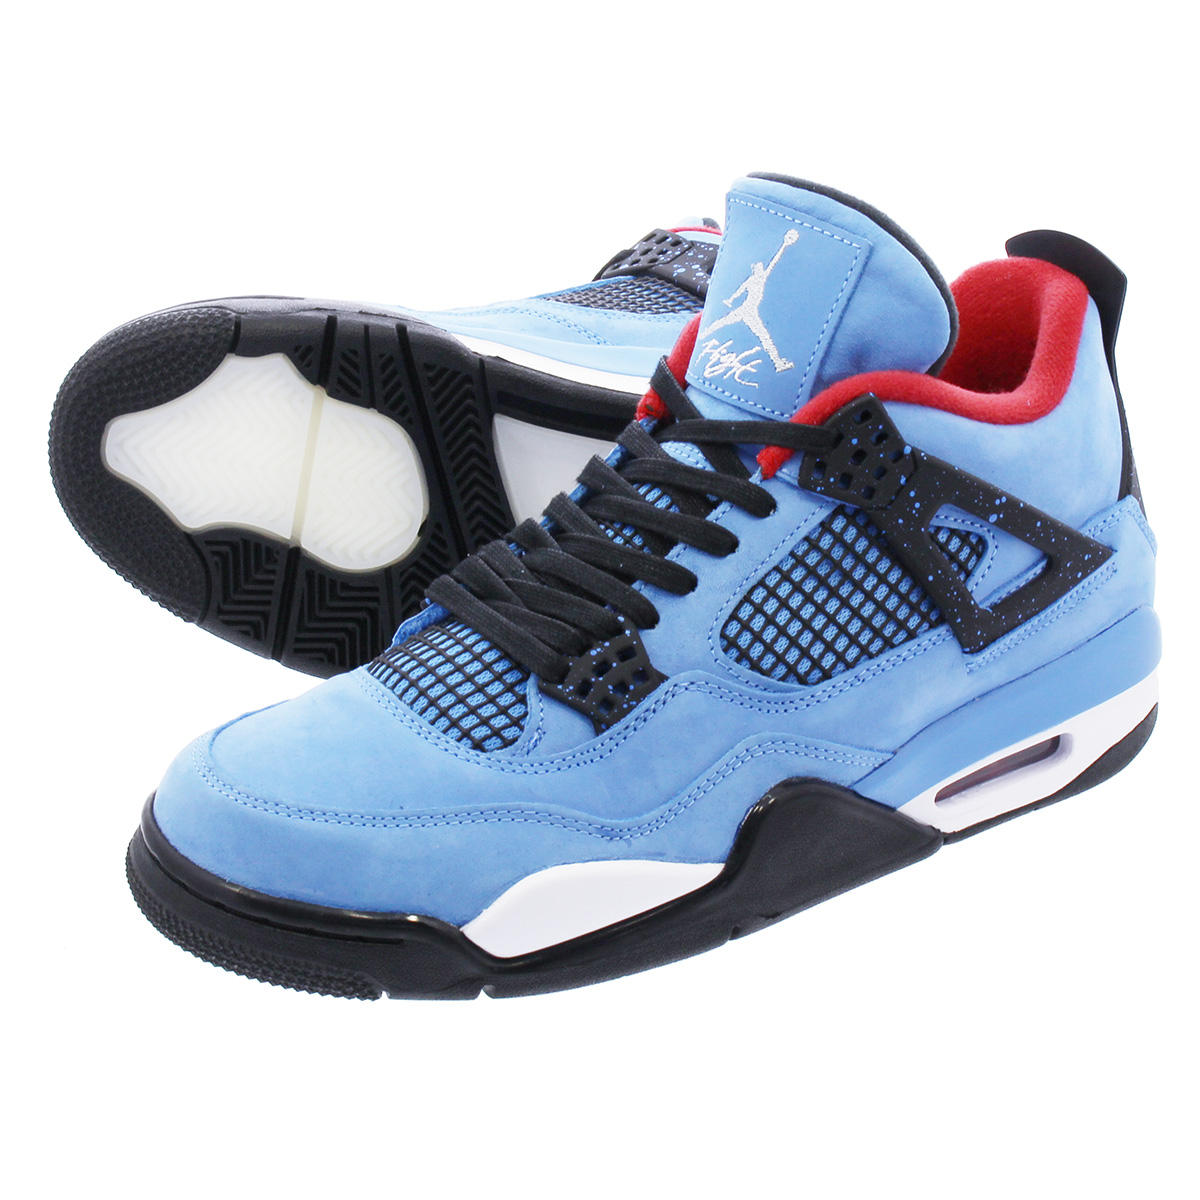 sports shoes e305b d0ec4 NIKE AIR JORDAN 4 RETRO Nike Air Jordan 4 nostalgic Travis Scot UNIVERSITY  BLUE/VARSITY RED/BLACK 308,497-406